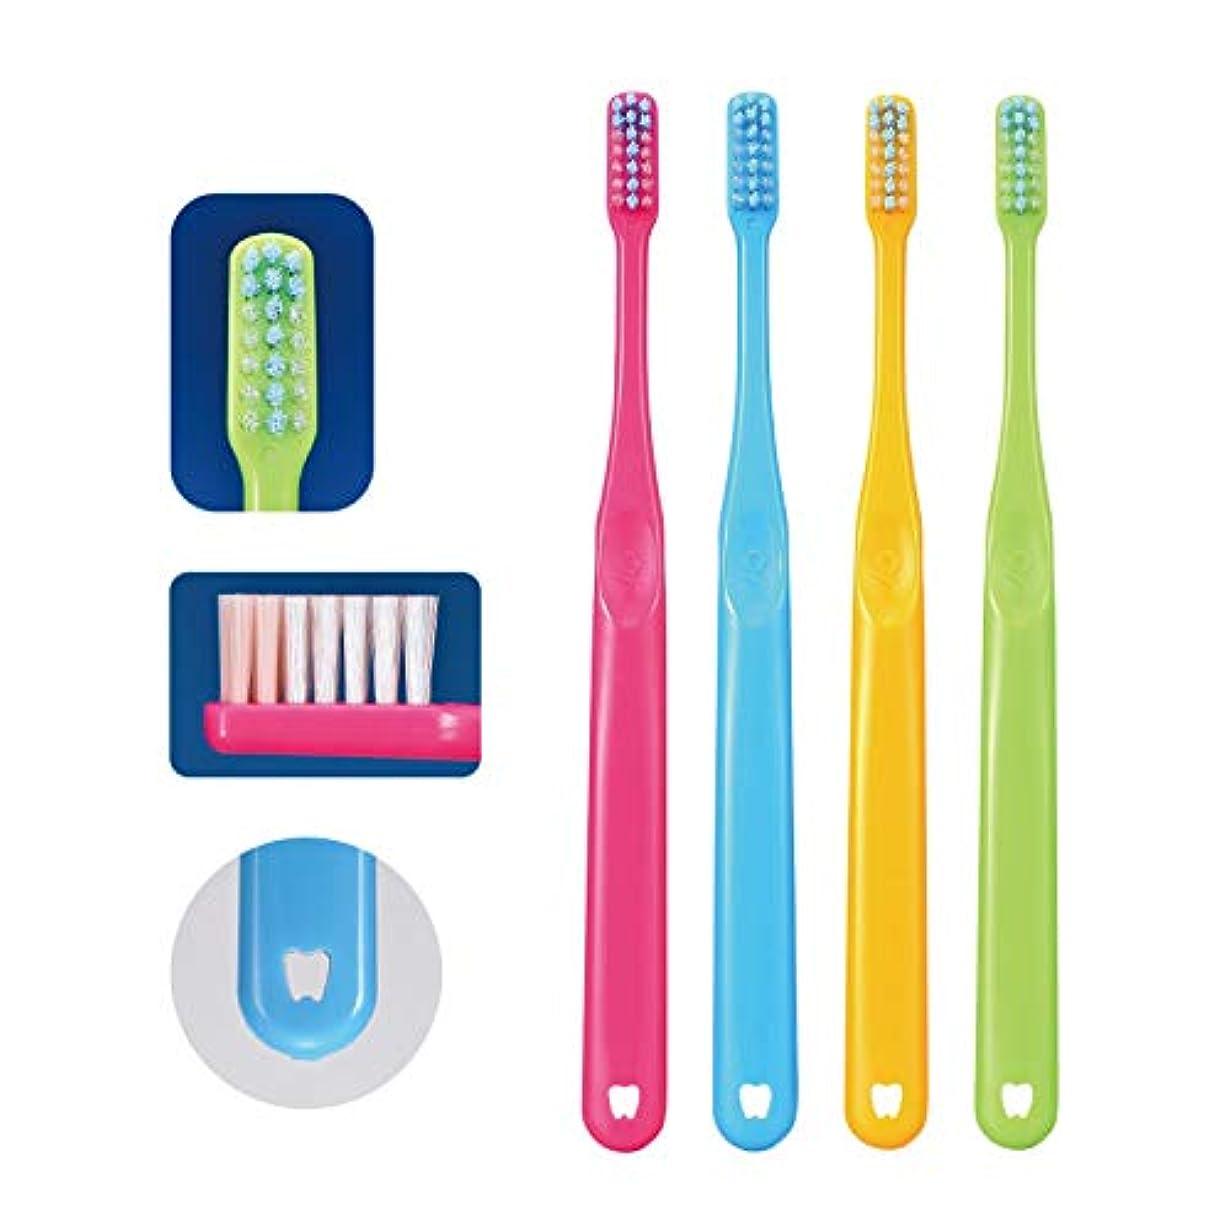 ラベ昇る糸Ci PRO PLUS プロプラス 歯ブラシ 20本 S(やわらかめ) 日本製 プラーク除去 歯科専売品